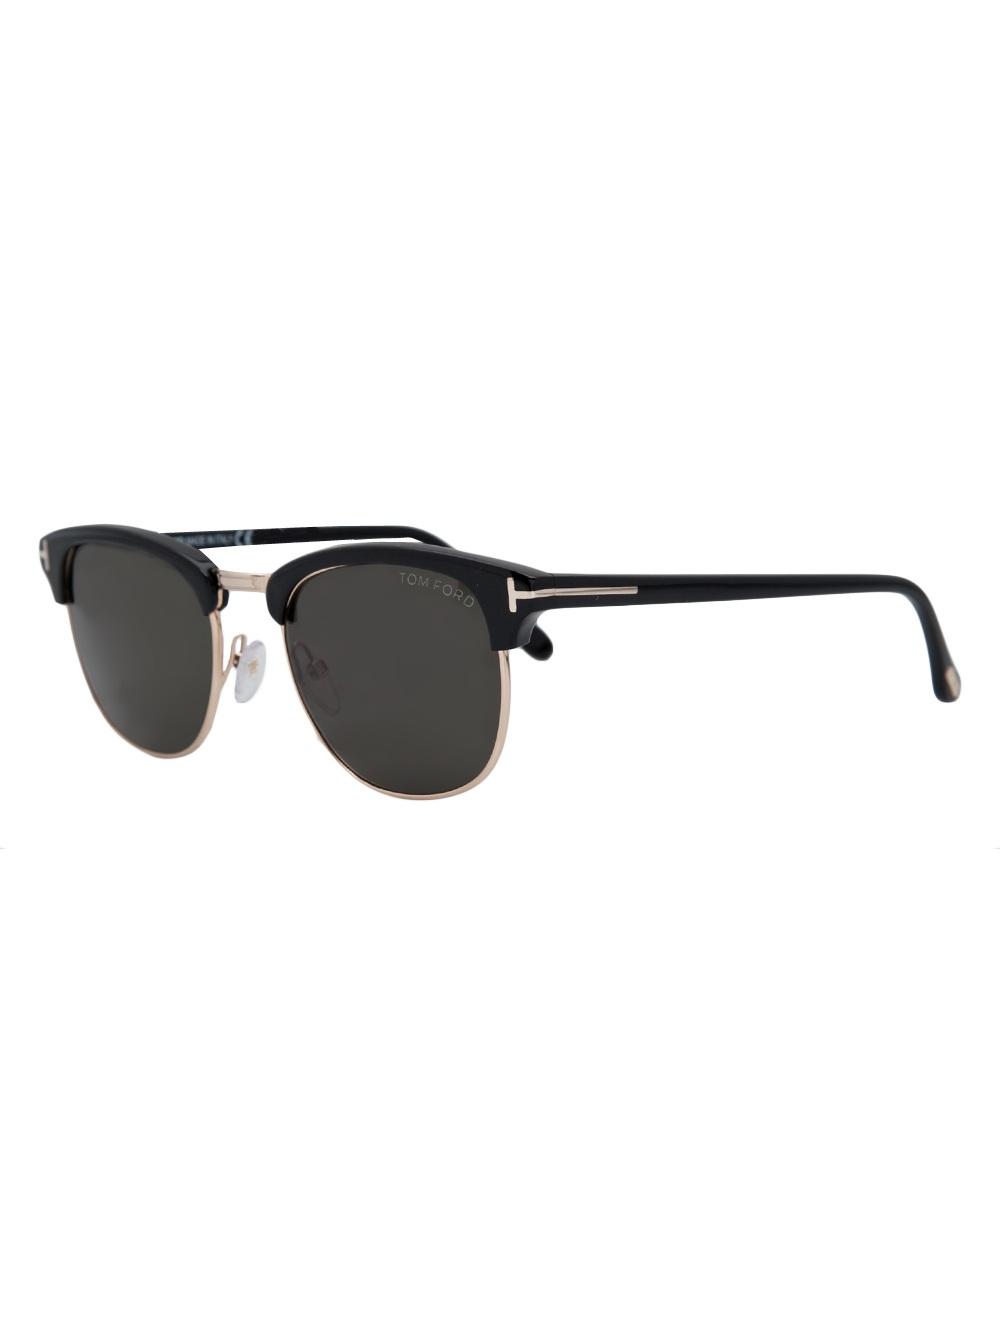 tom ford henry sunglasses in black for men lyst. Black Bedroom Furniture Sets. Home Design Ideas